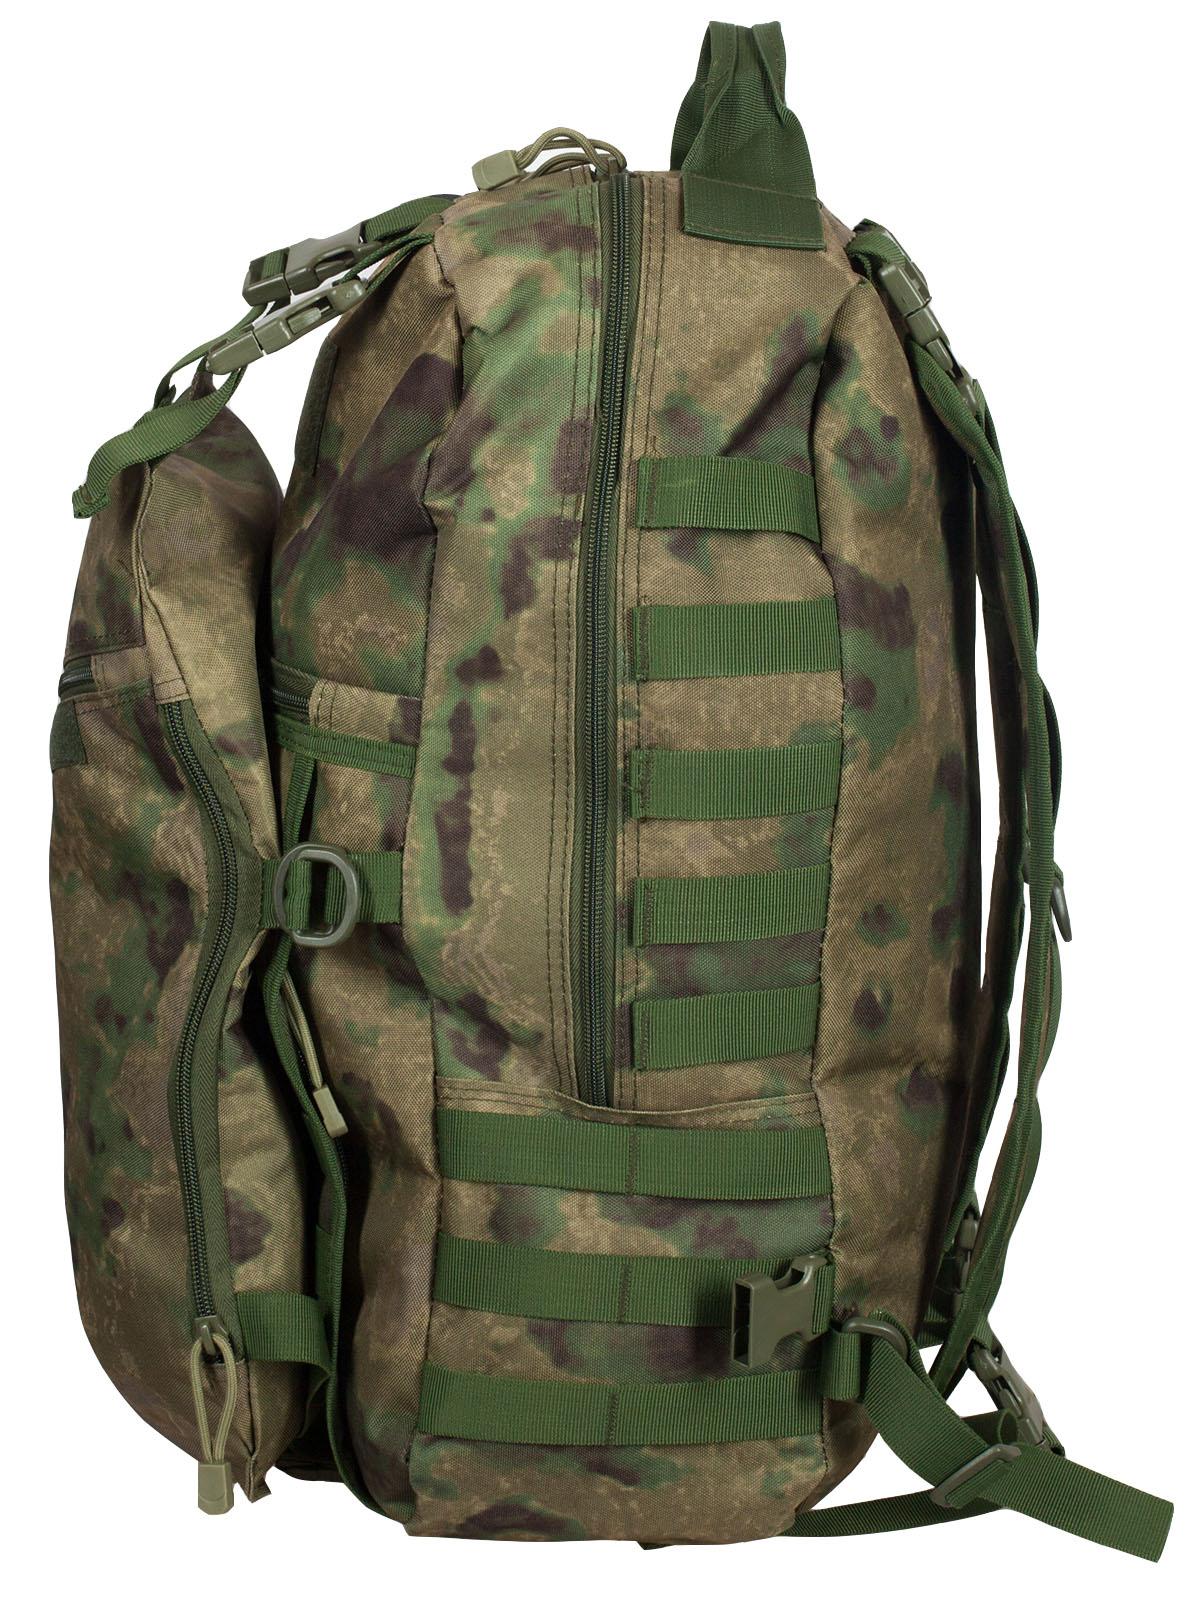 Военный камуфляжный рюкзак с нашивкой МВД - заказать онлайн